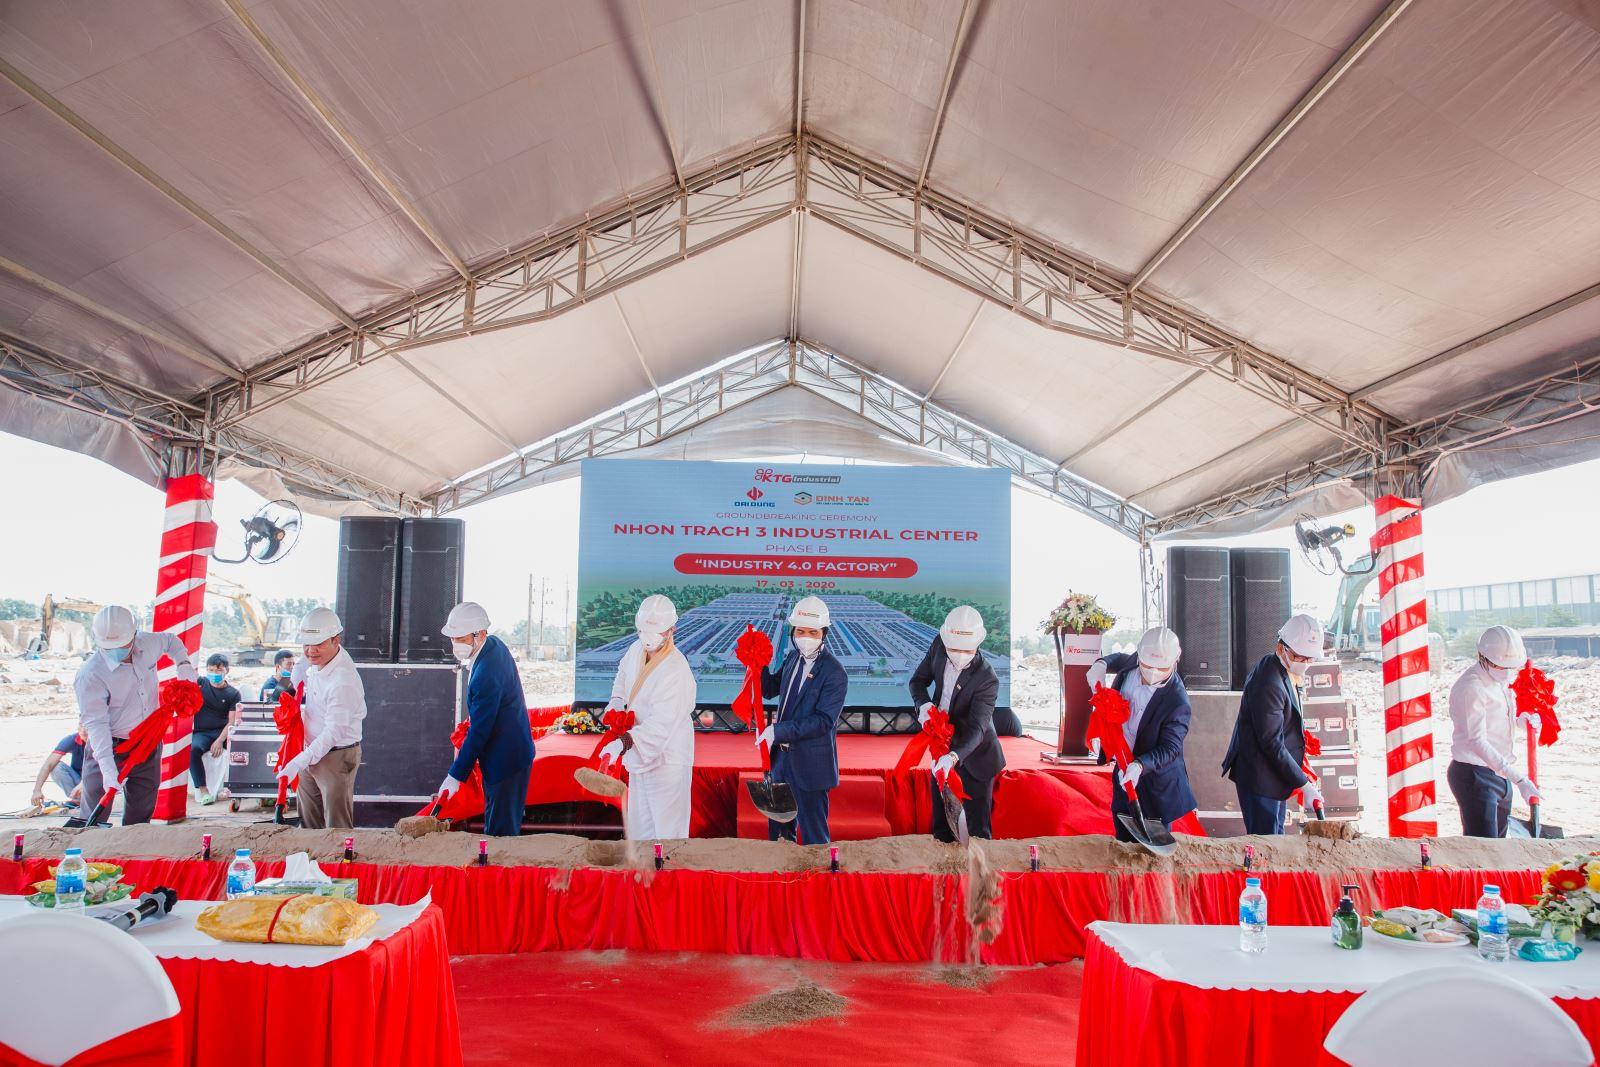 KTG Industrial khởi công xây dựng dự án trung tâm công nghiệp Nhơn Trạch 3B-Giai đoạn 2.